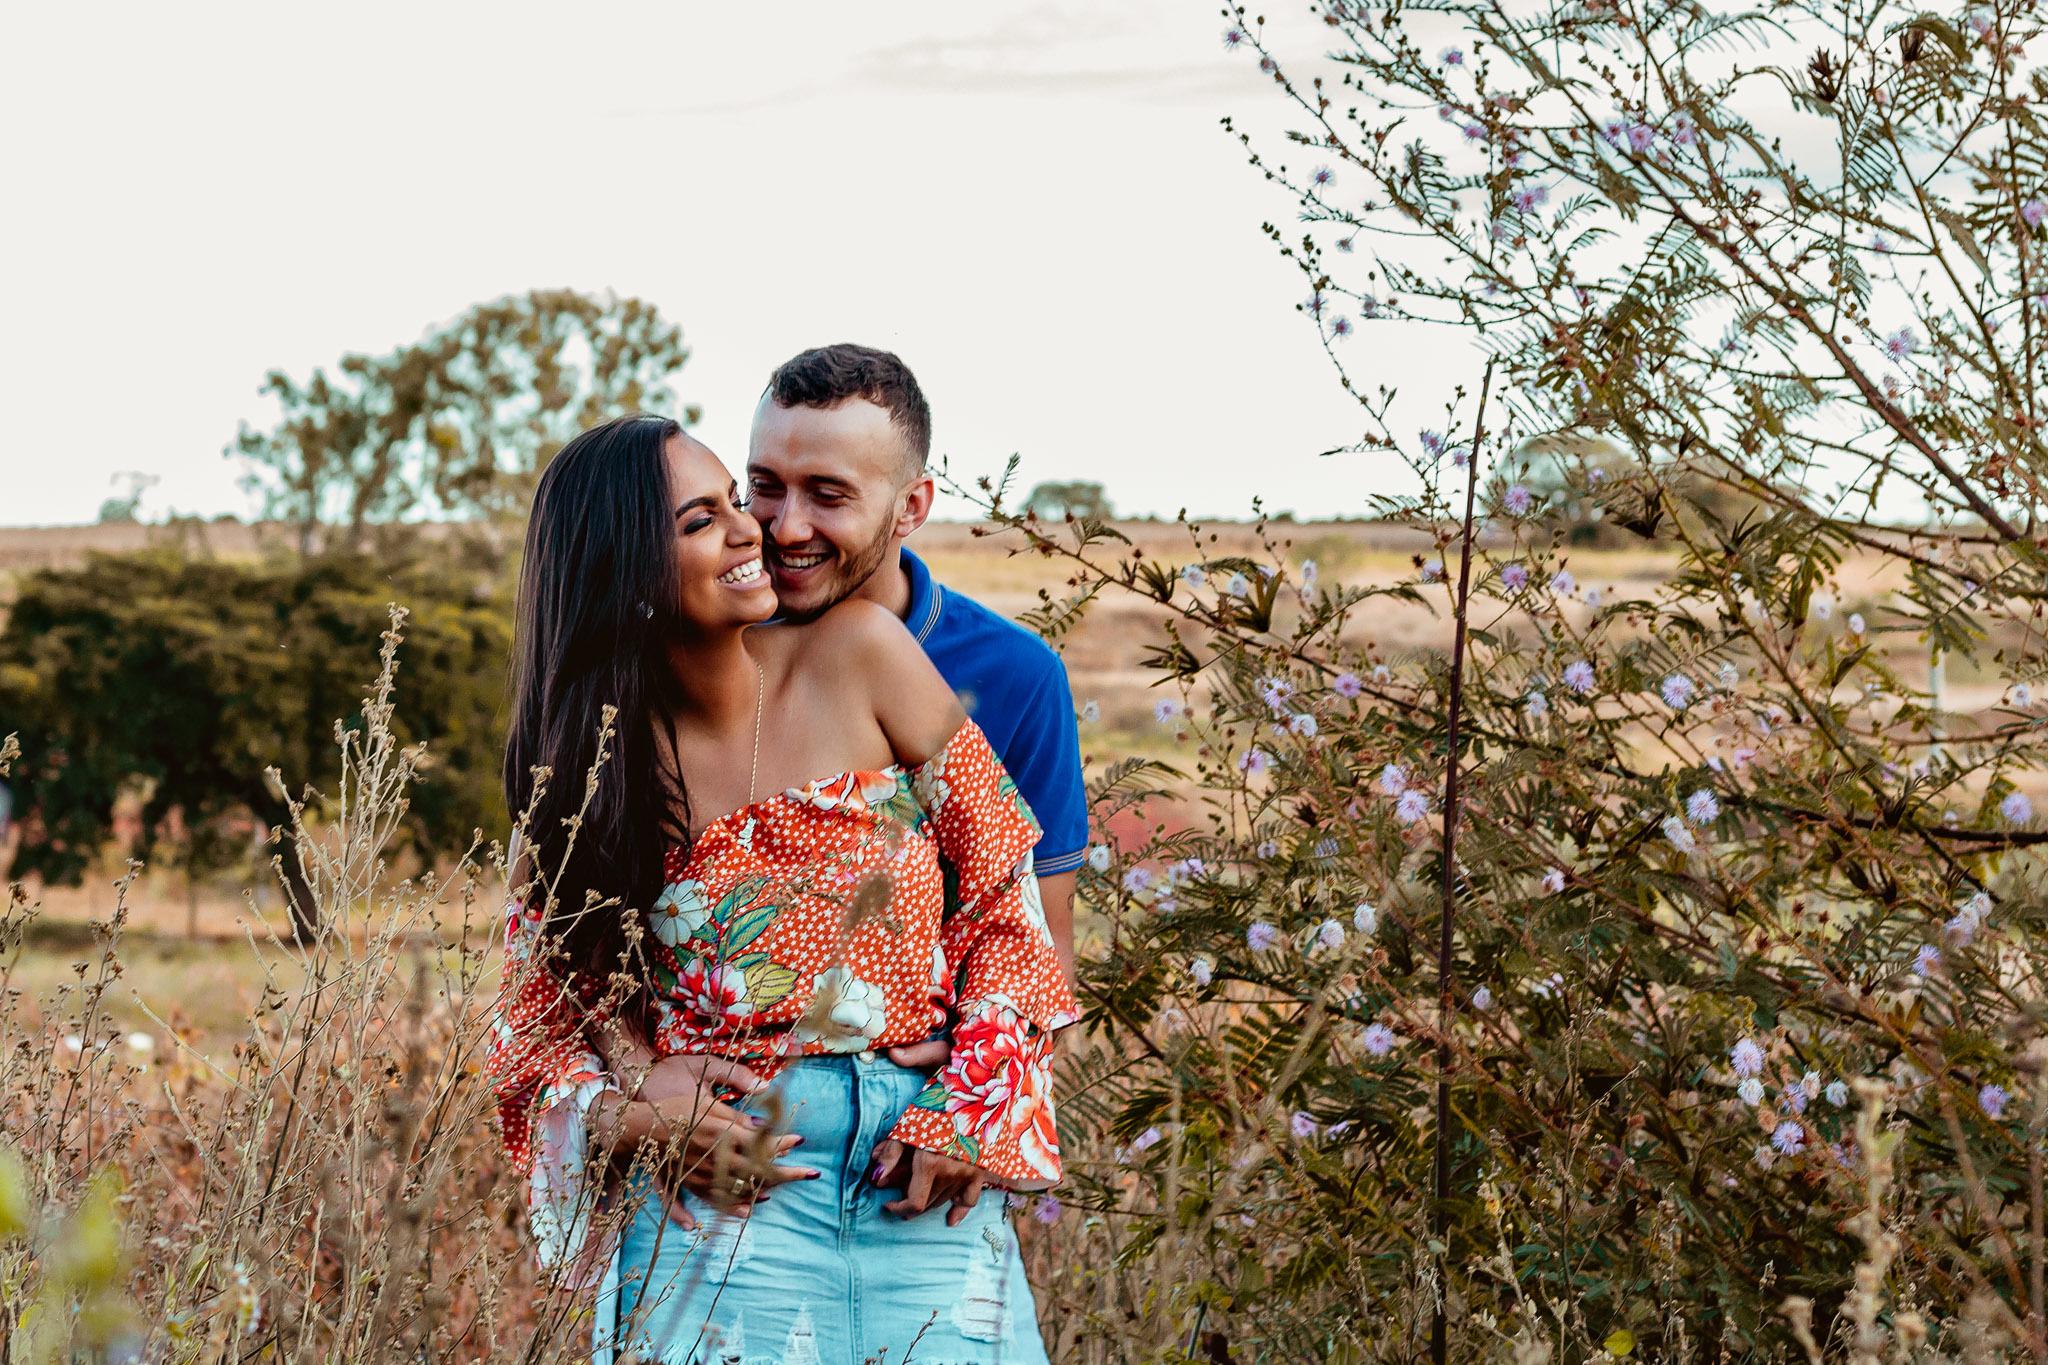 Contate Fotógrafo de Casamento e Retratos - Carmo do Paranaíba - MG